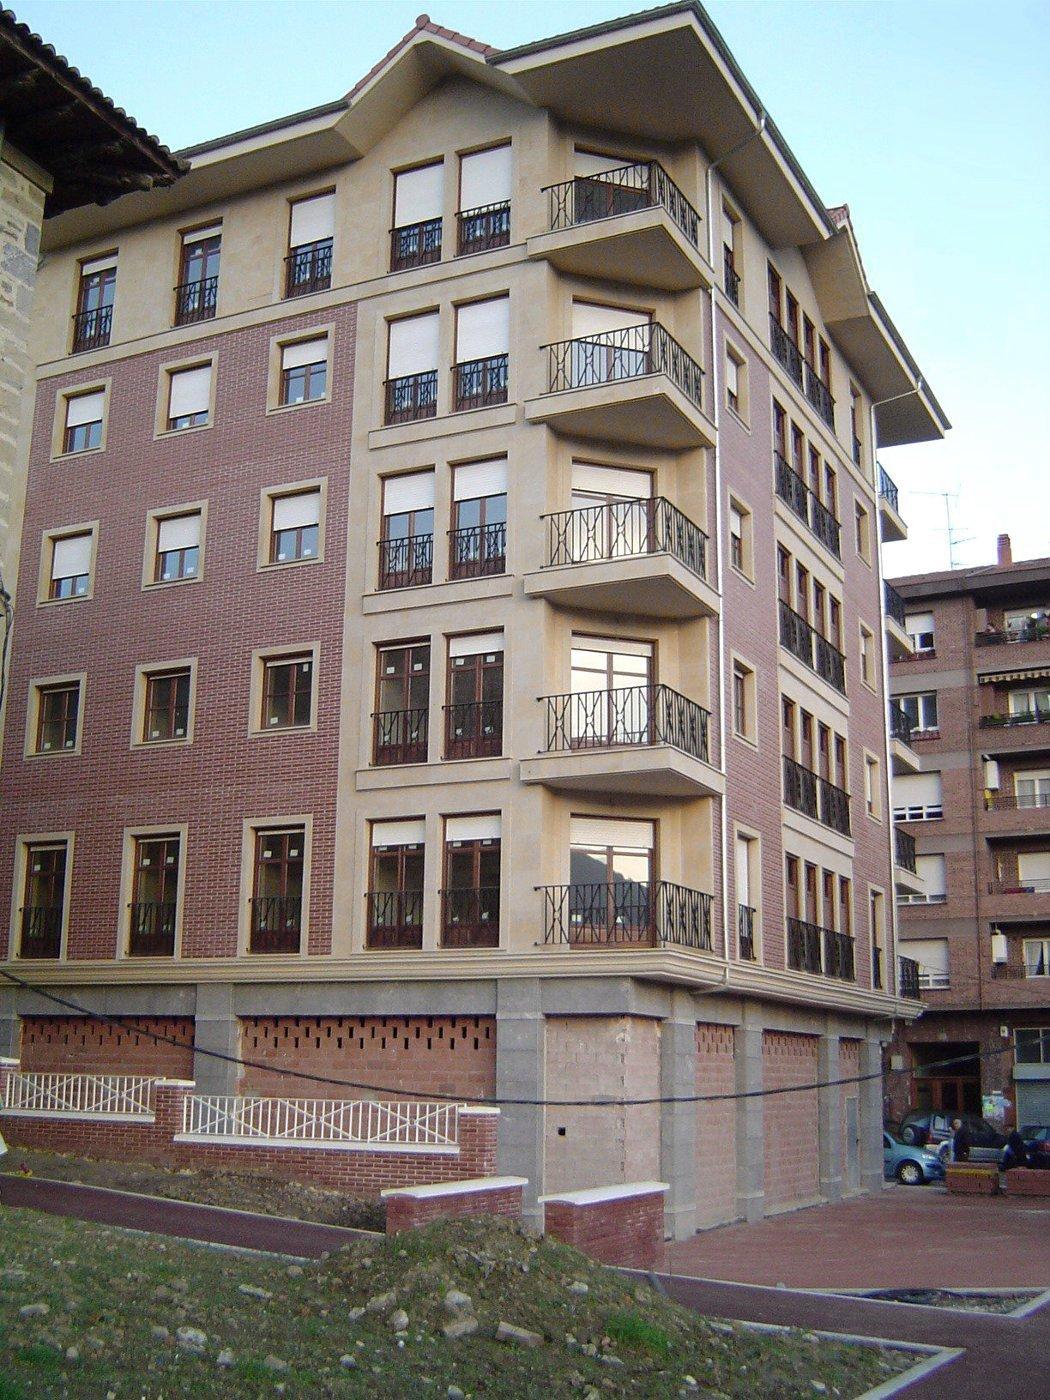 15 viviendas en Amurrio - Desde plazoleta